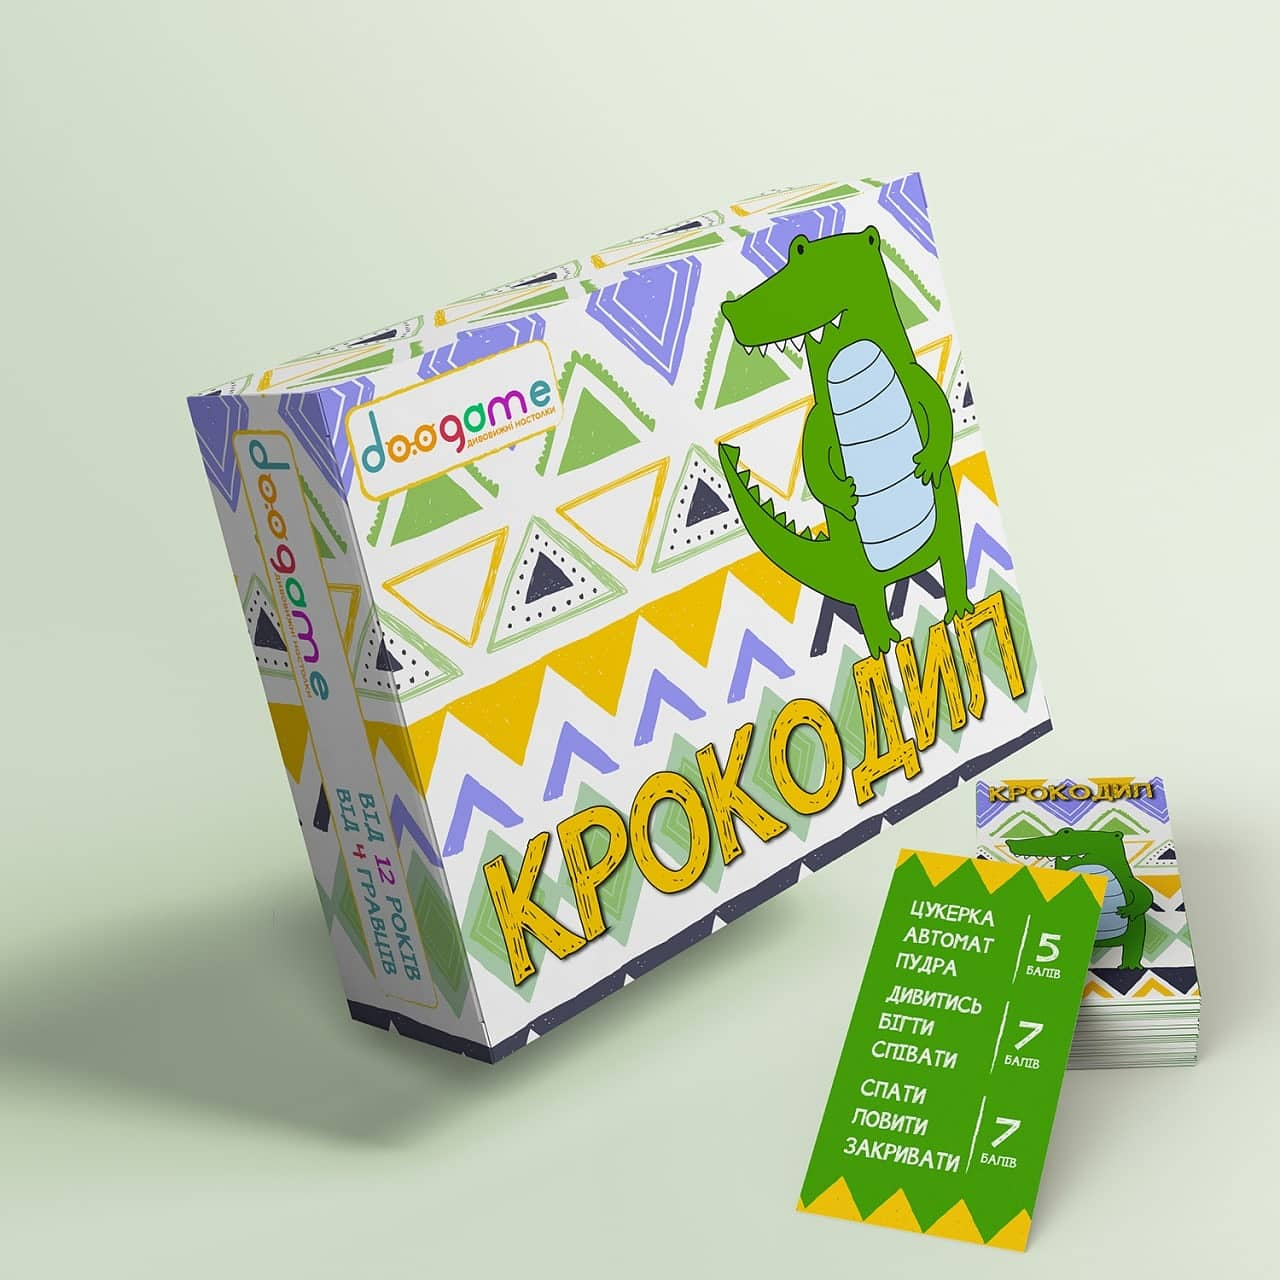 Фото Дизайн упаковки игры